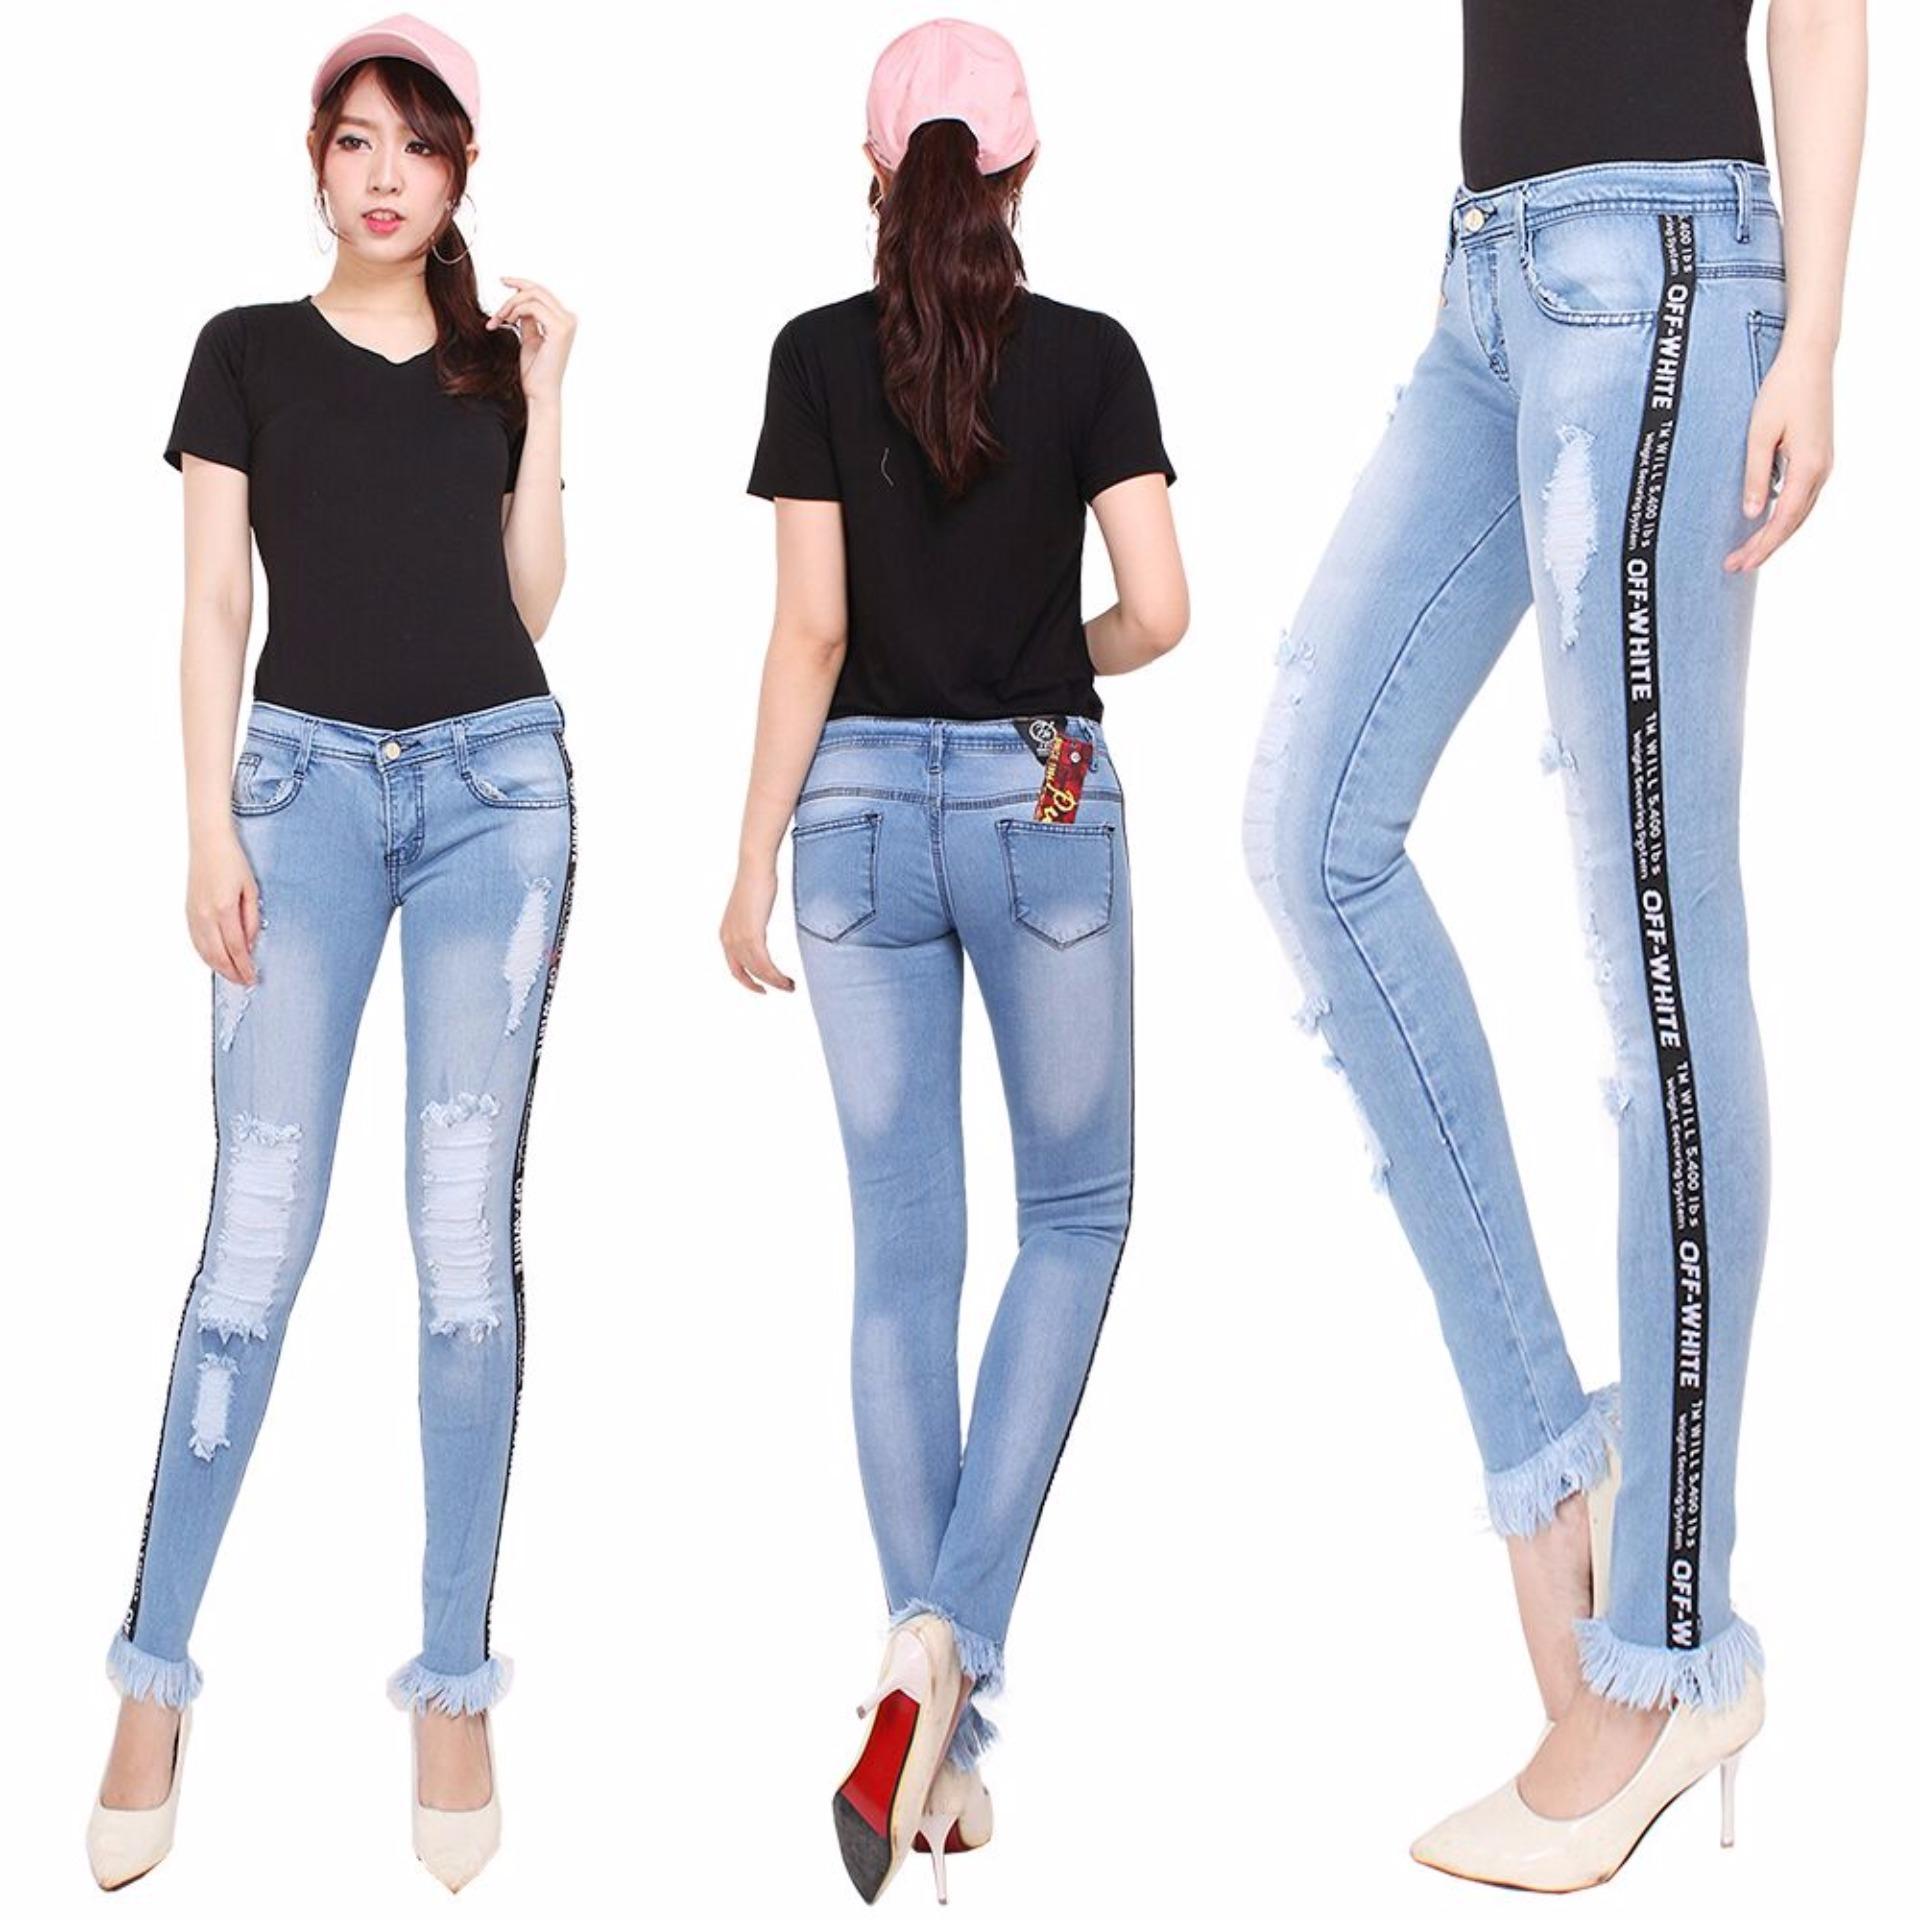 Beli Master Jeans Celana Jeans Wanita Model Terbaru Murah Dki Jakarta